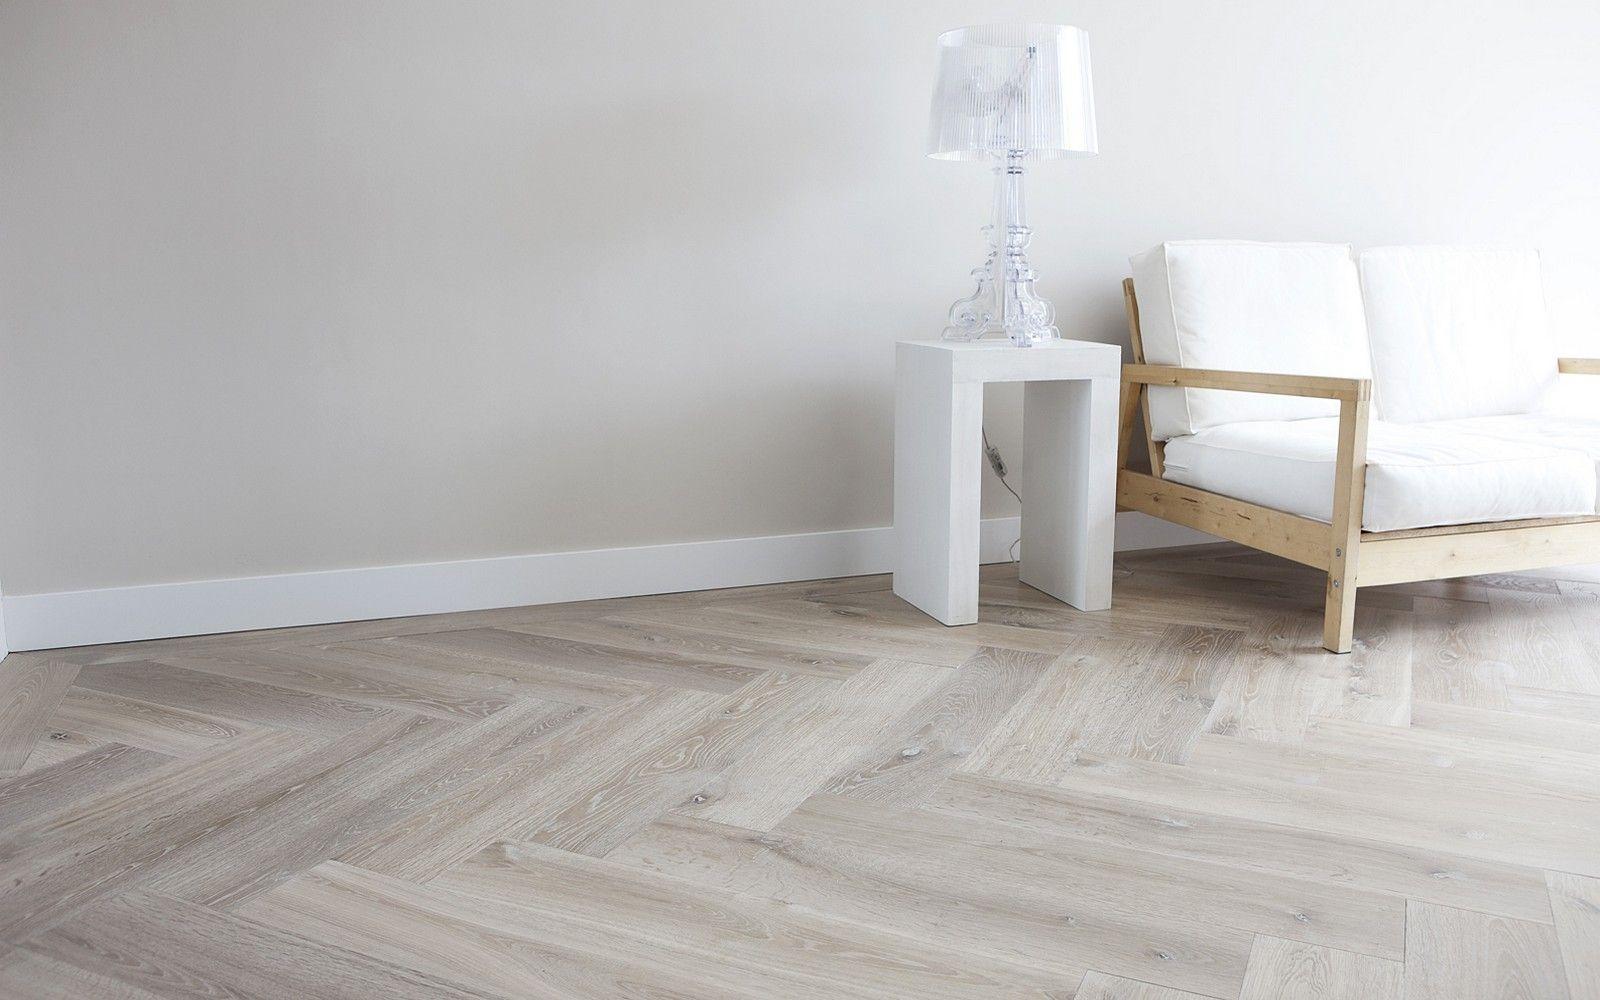 Visgraat vloer van eiken houten delen welke behandeld is met een